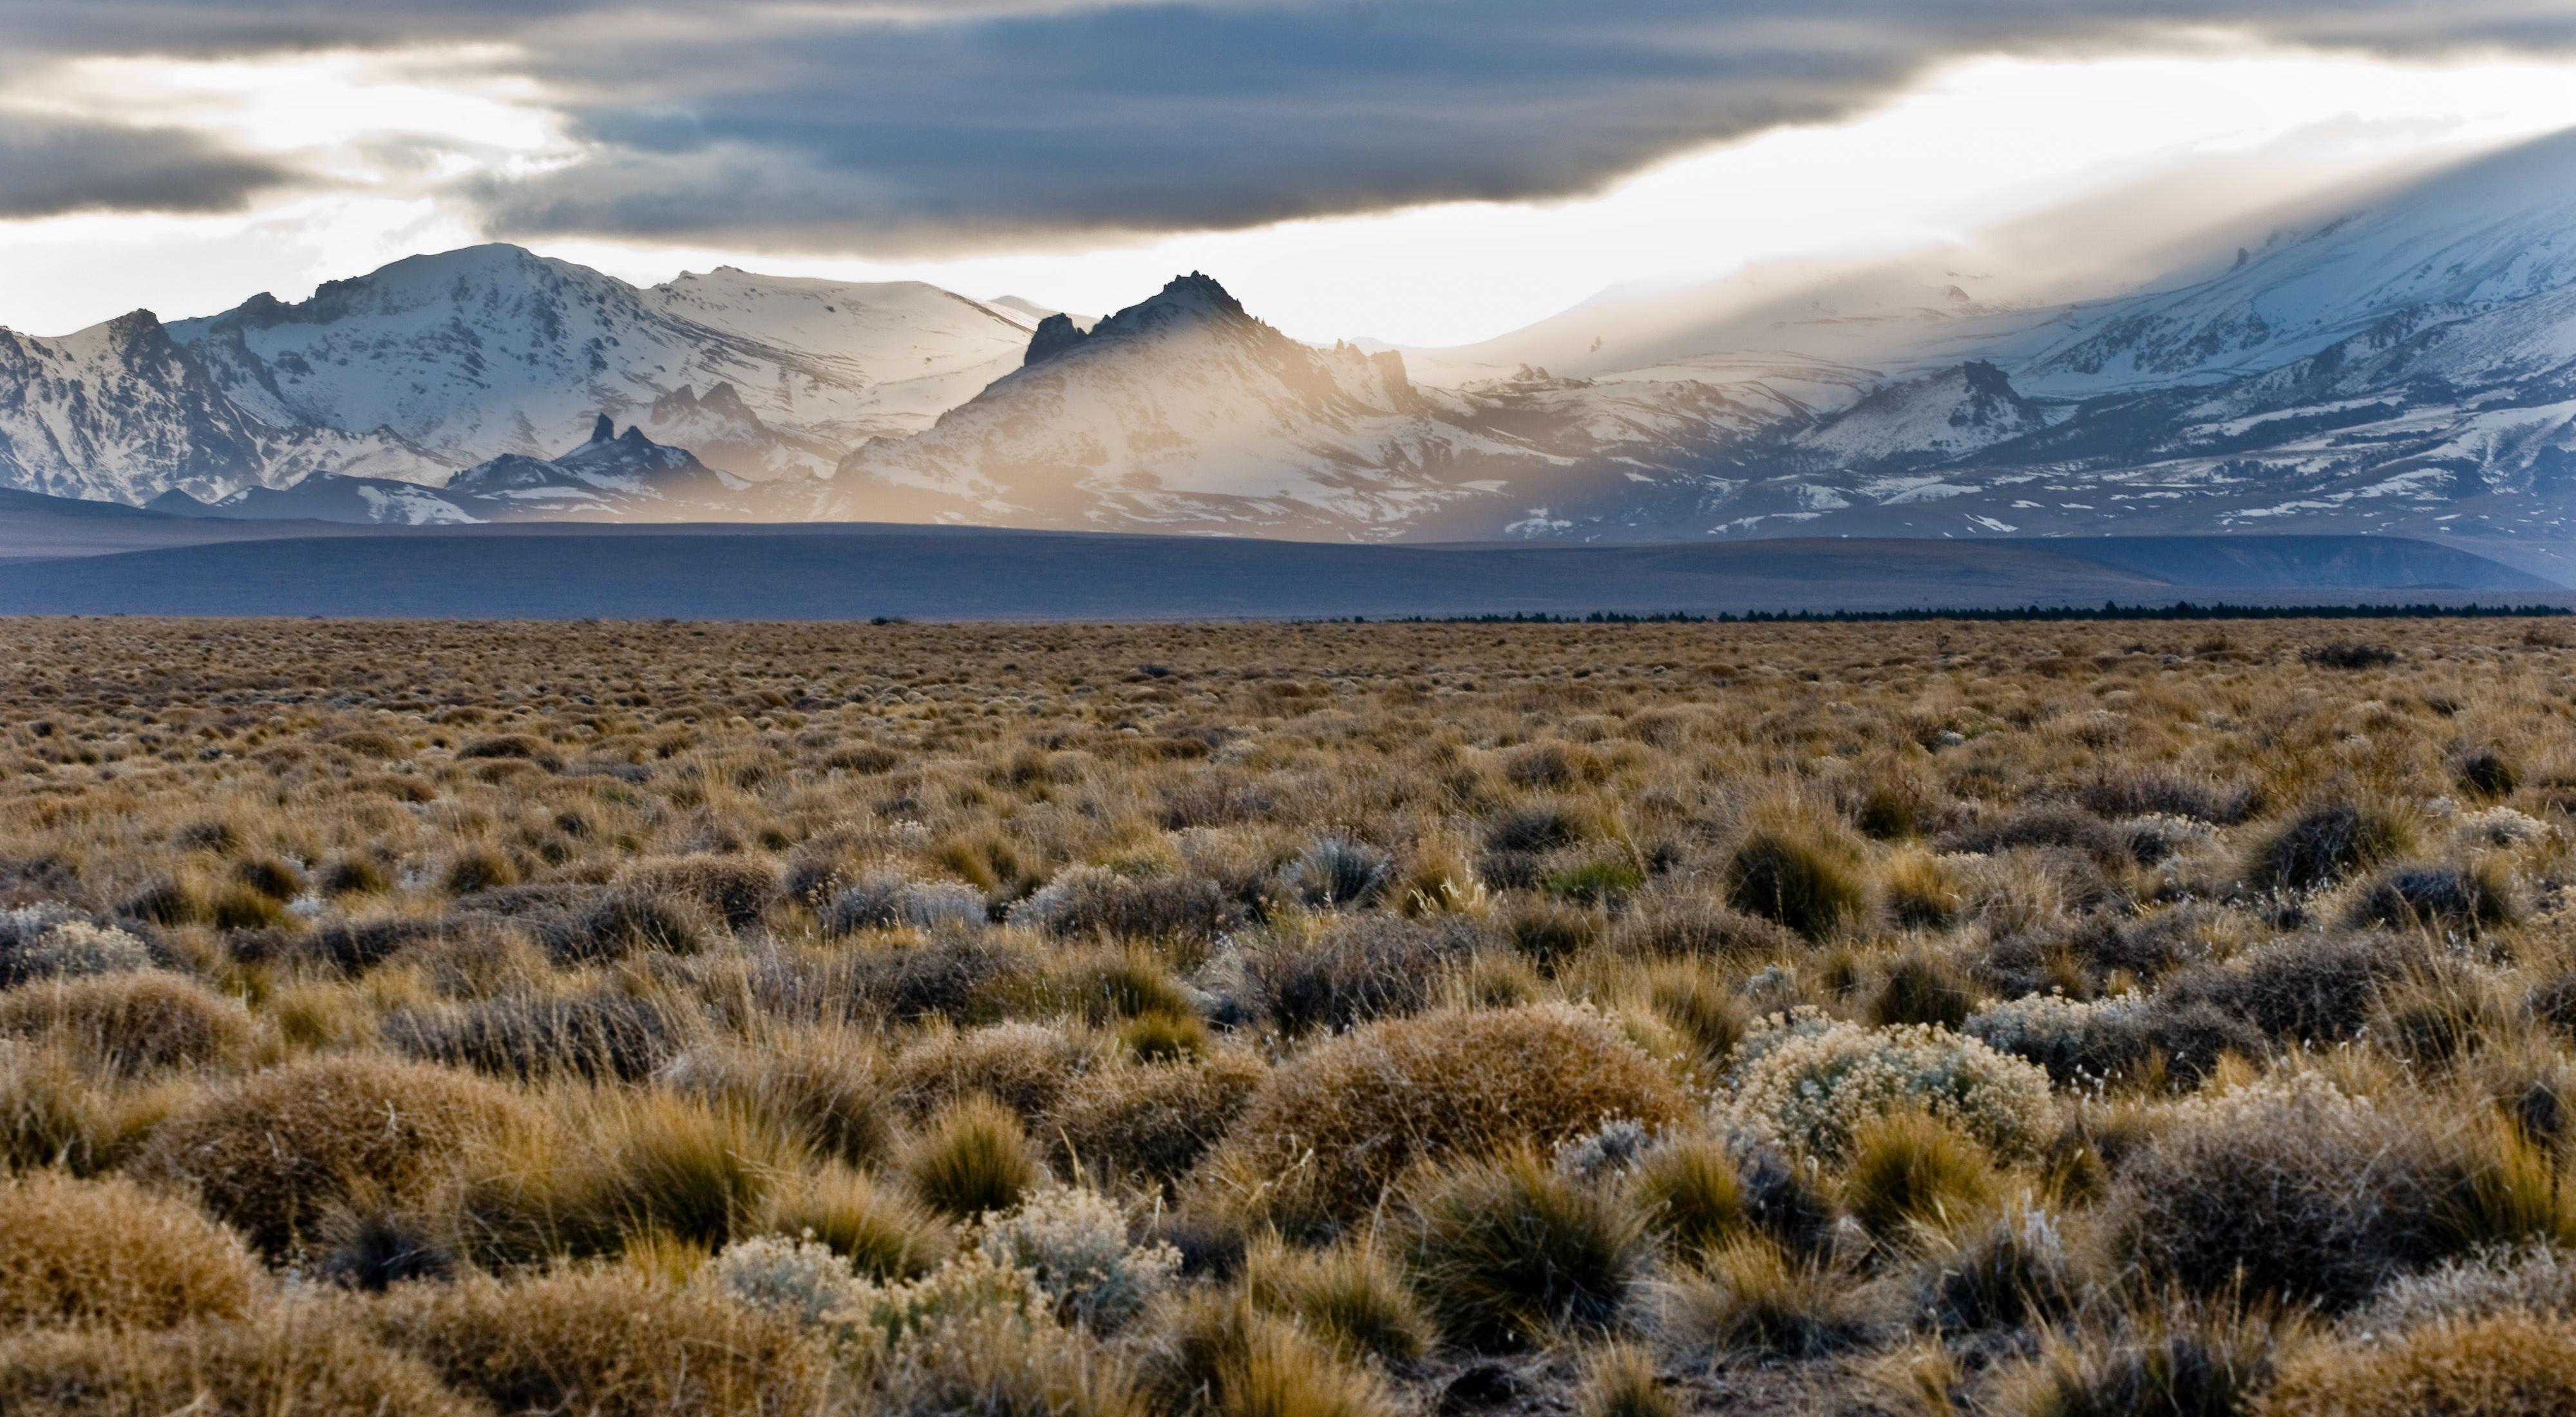 Grasslands around San Martin de los Andes, Argentina.